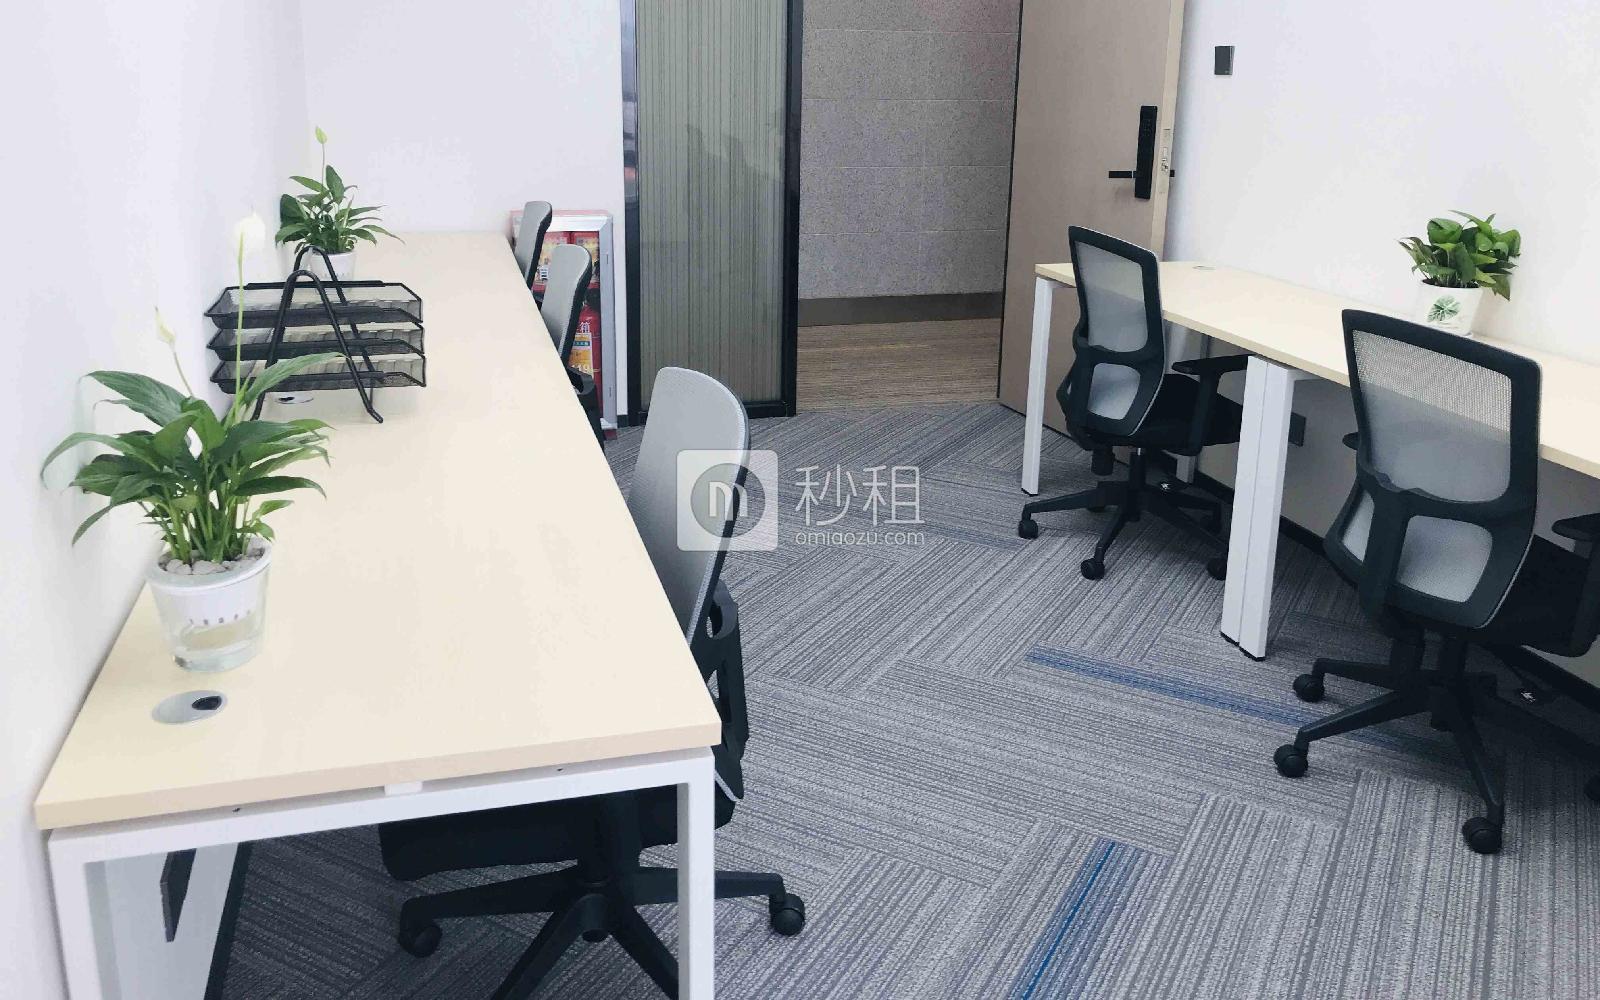 天河-天河北/体育中心 意立商业办公-圣丰广场 67m²